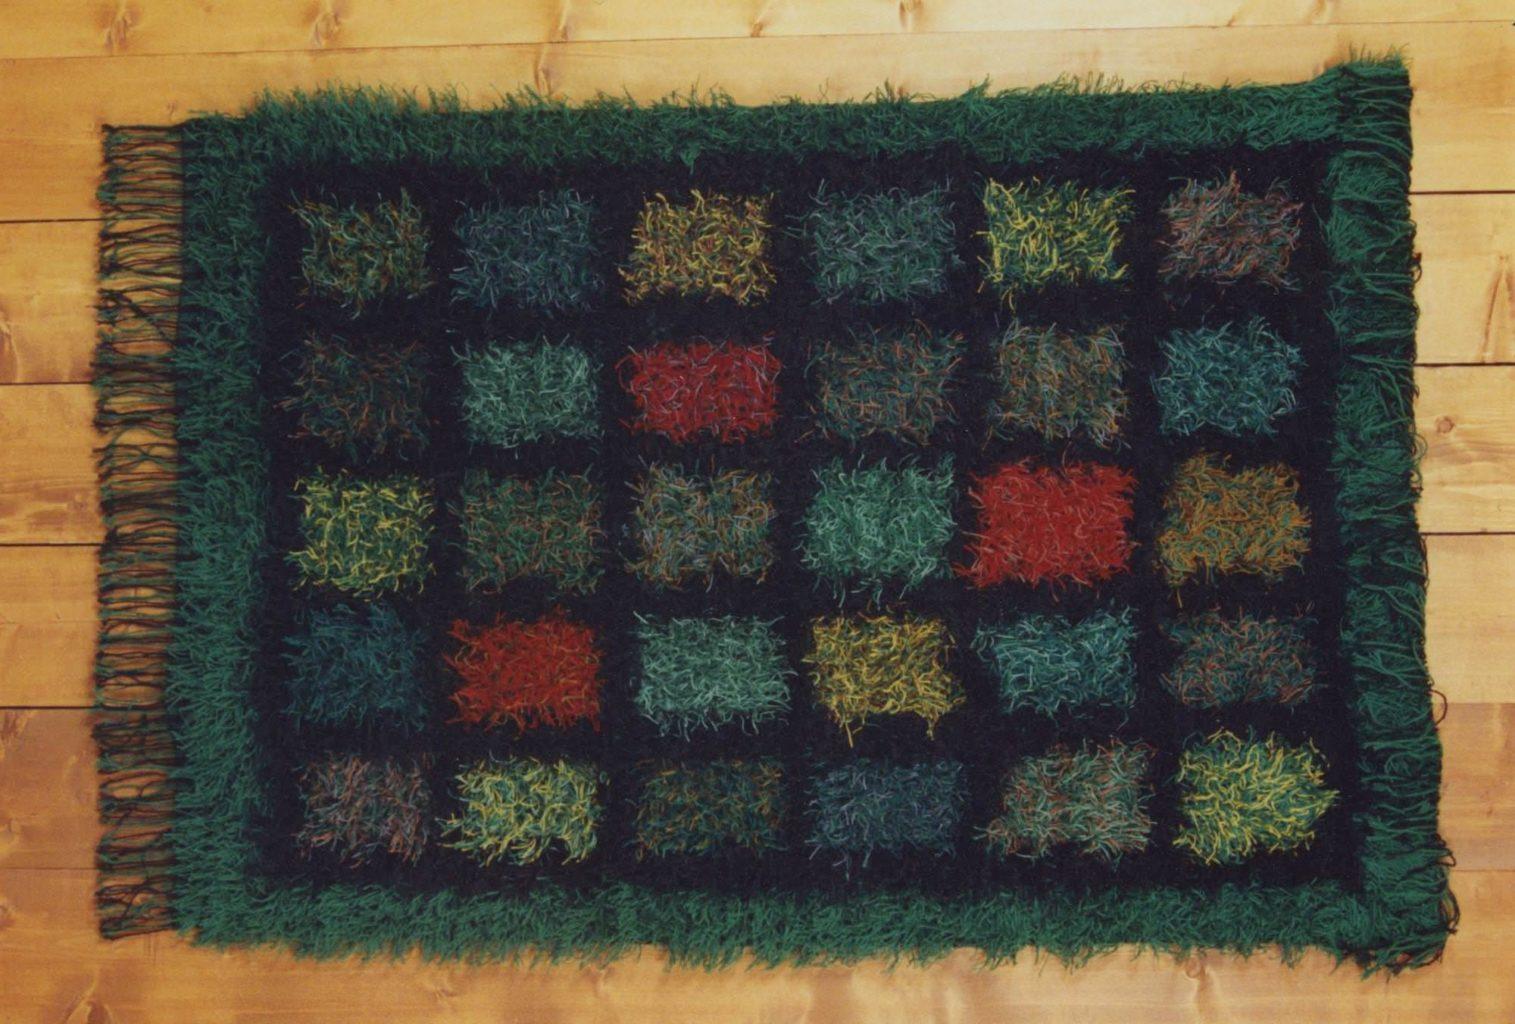 """""""Yukon Daughter"""" wall hanging © 1999 Laura Demuth """"Yukon Daughter"""" wall hanging © 1999 Laura Demuth"""